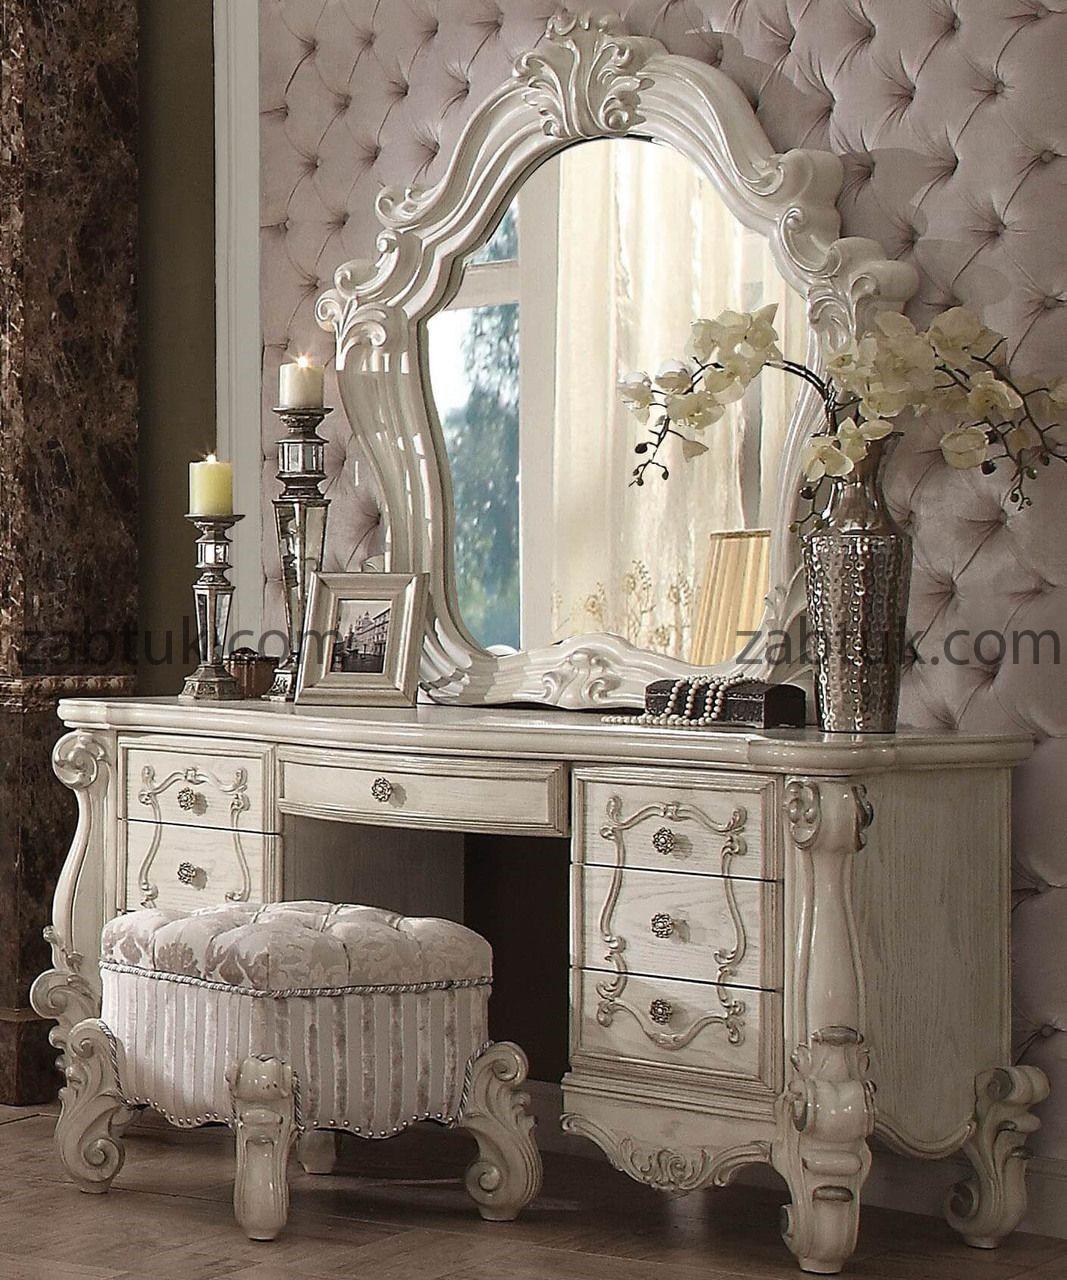 مدل میز آرایشی متناسب با سبک کلاسیک